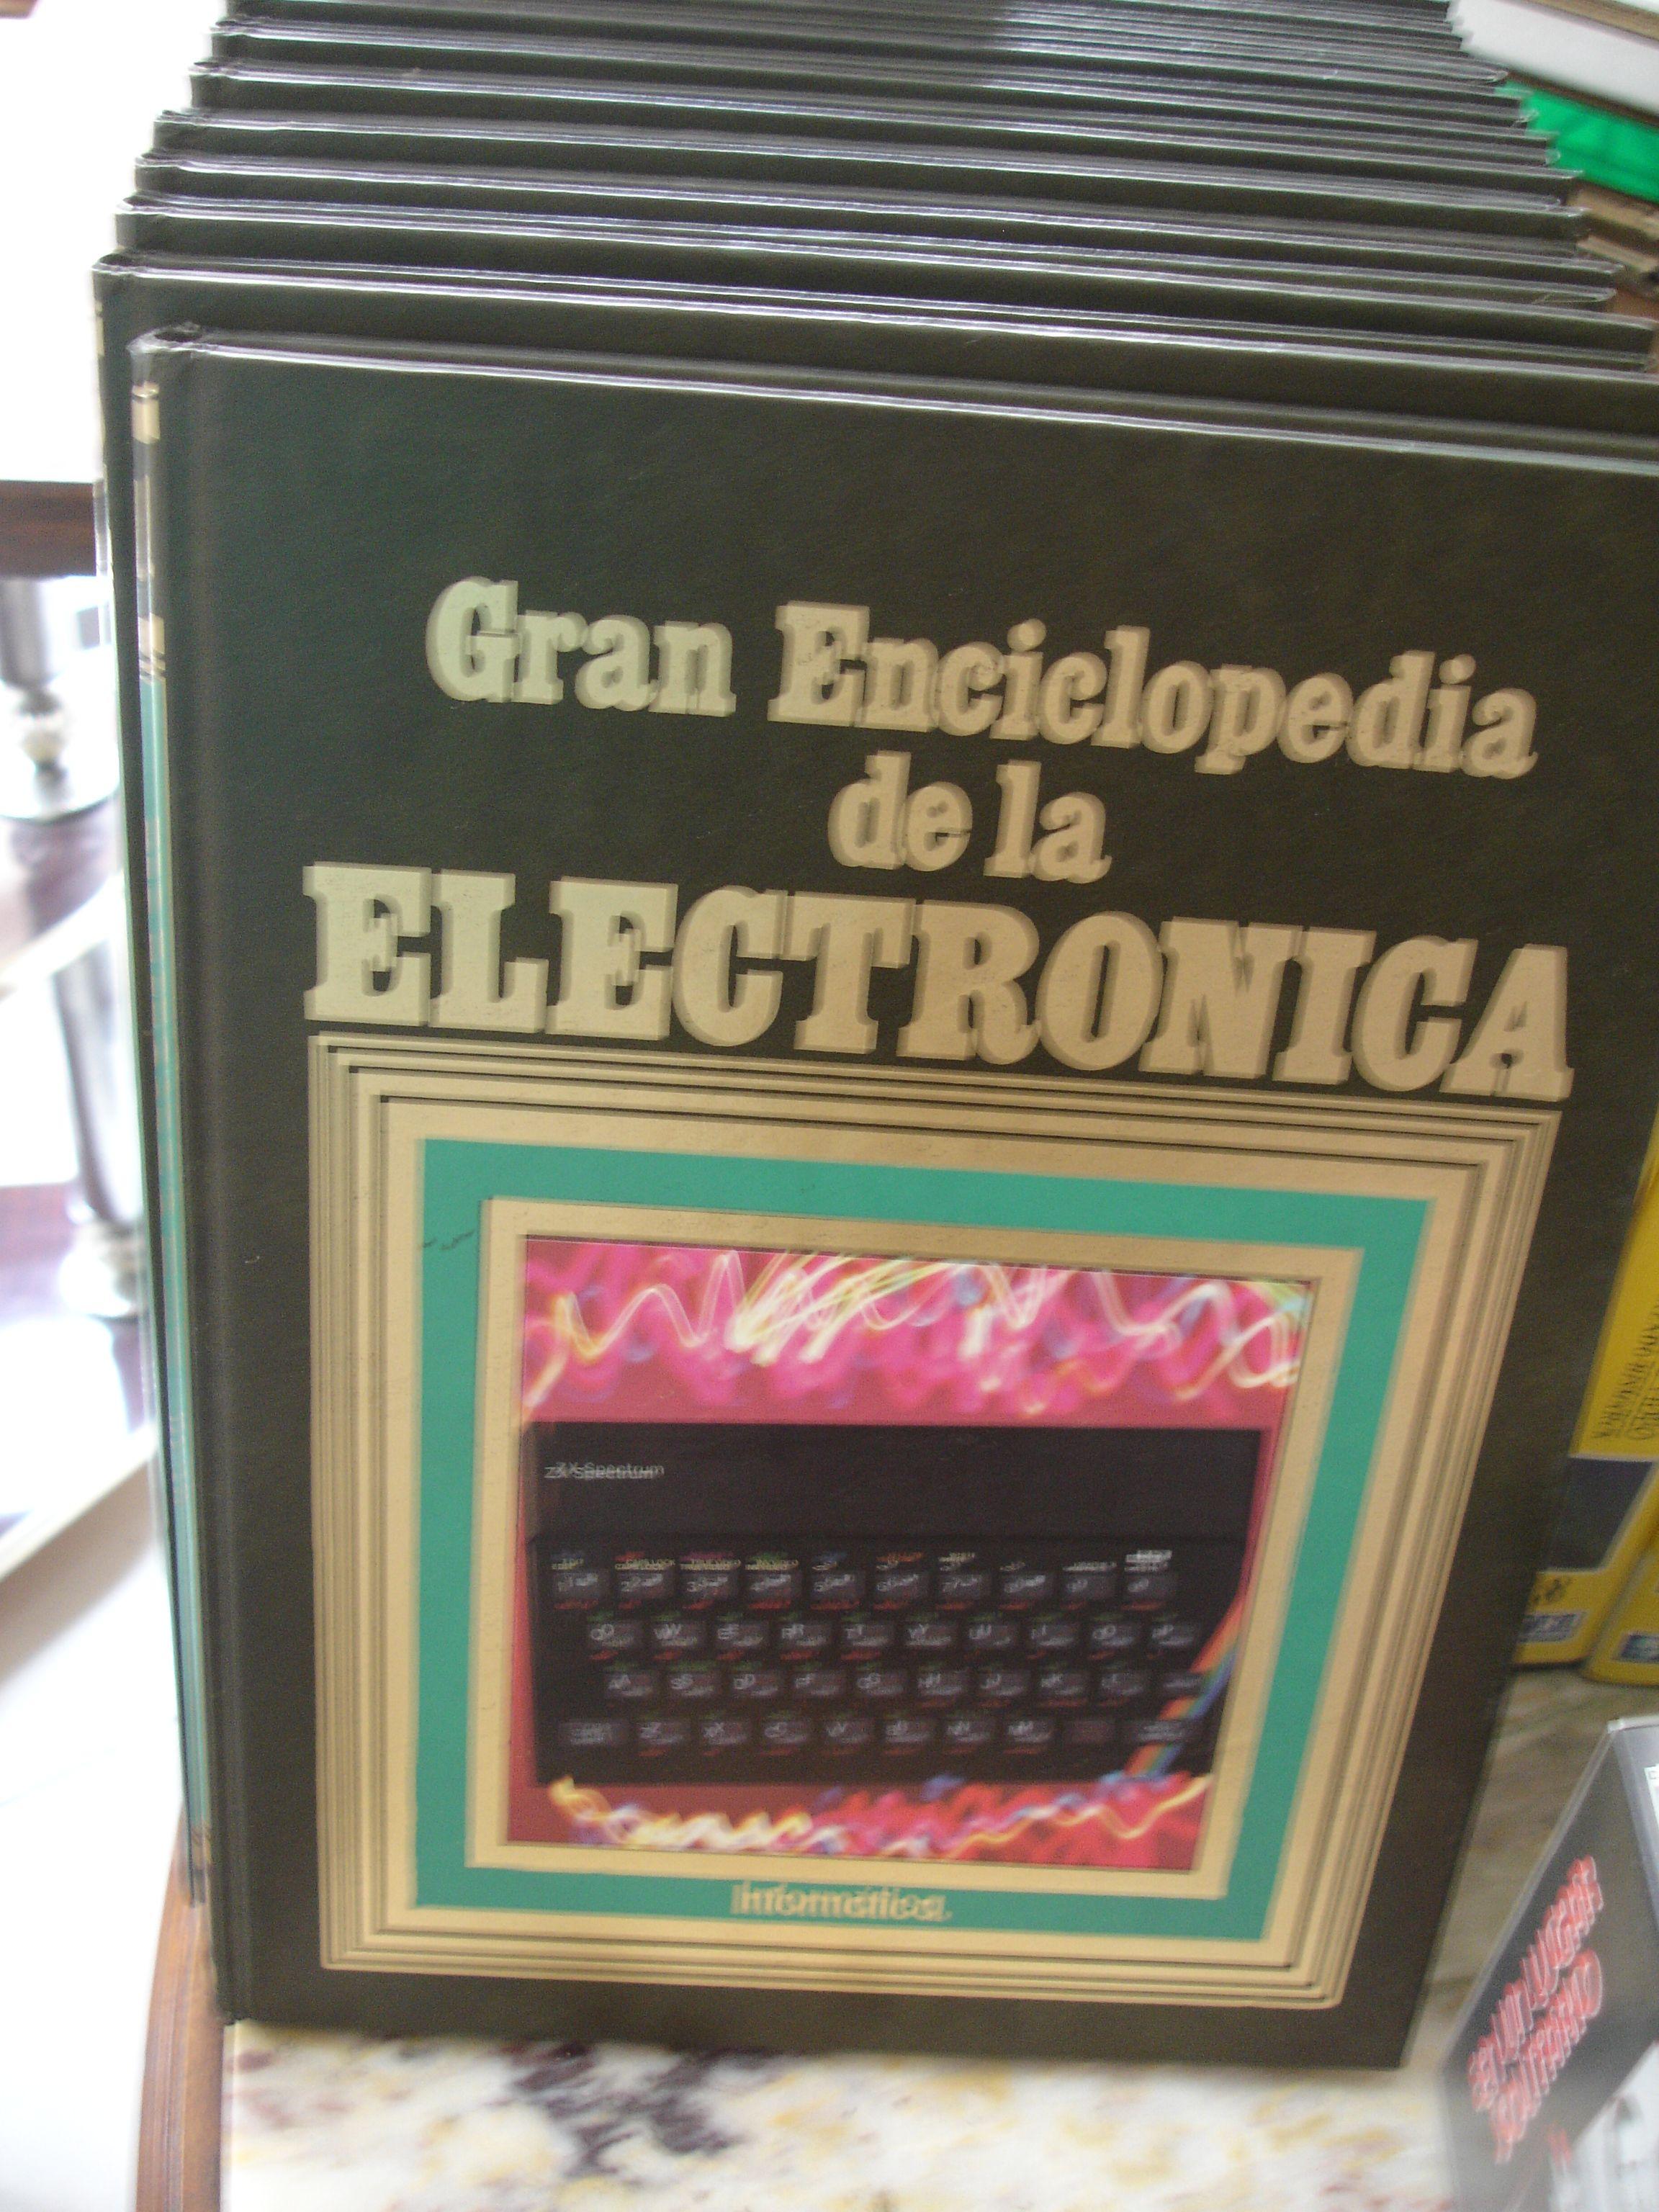 Enciclopedia Electronica Ao 1984 Ediciones Nueva Lente 12 Tomos Light Sensor Switch Circuit Using Jkflipflop Eleccircuit